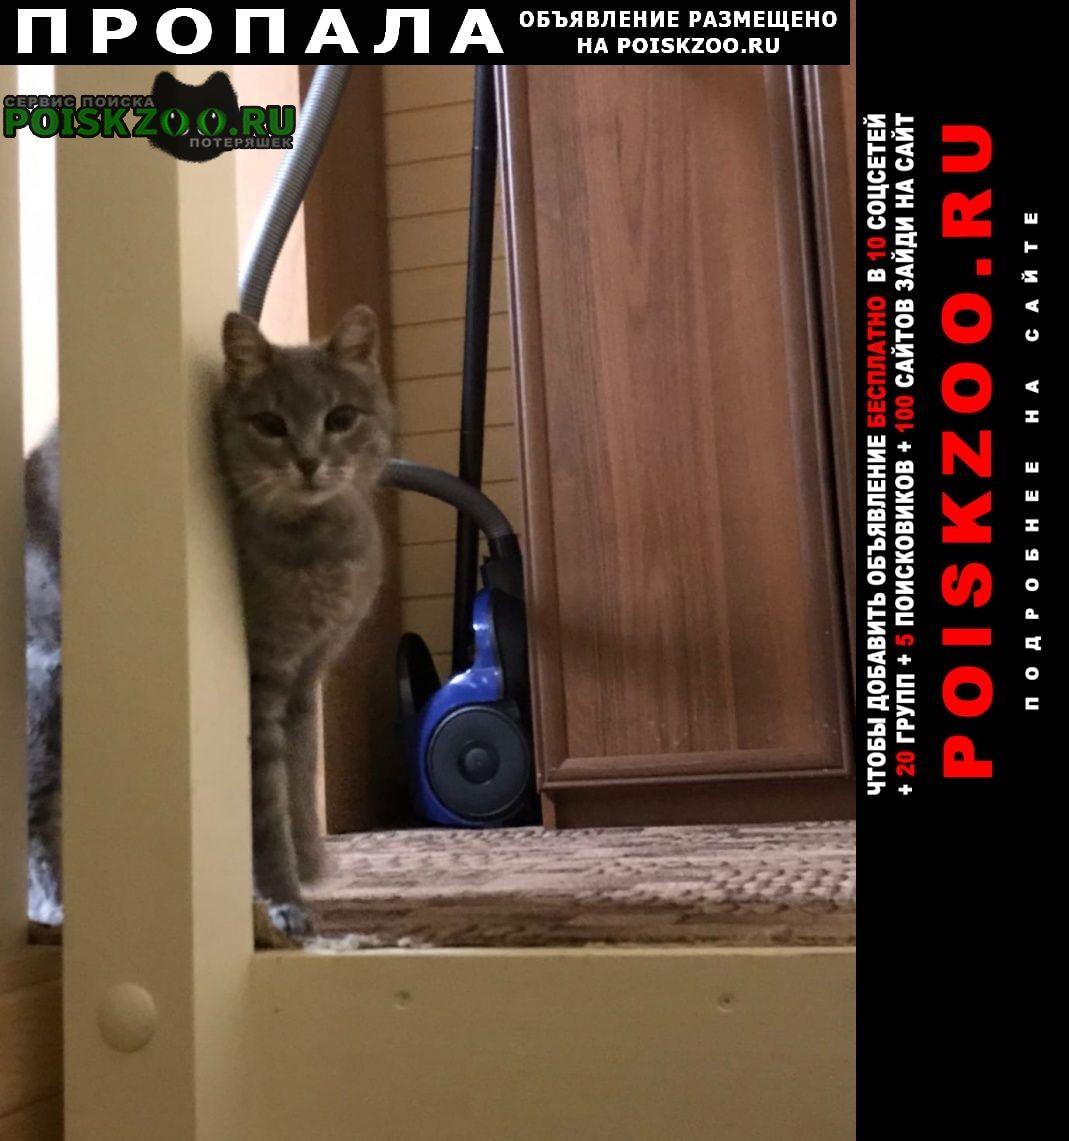 Пропала кошка 30.12 около 14.00 снт поднятая целина Жуковский